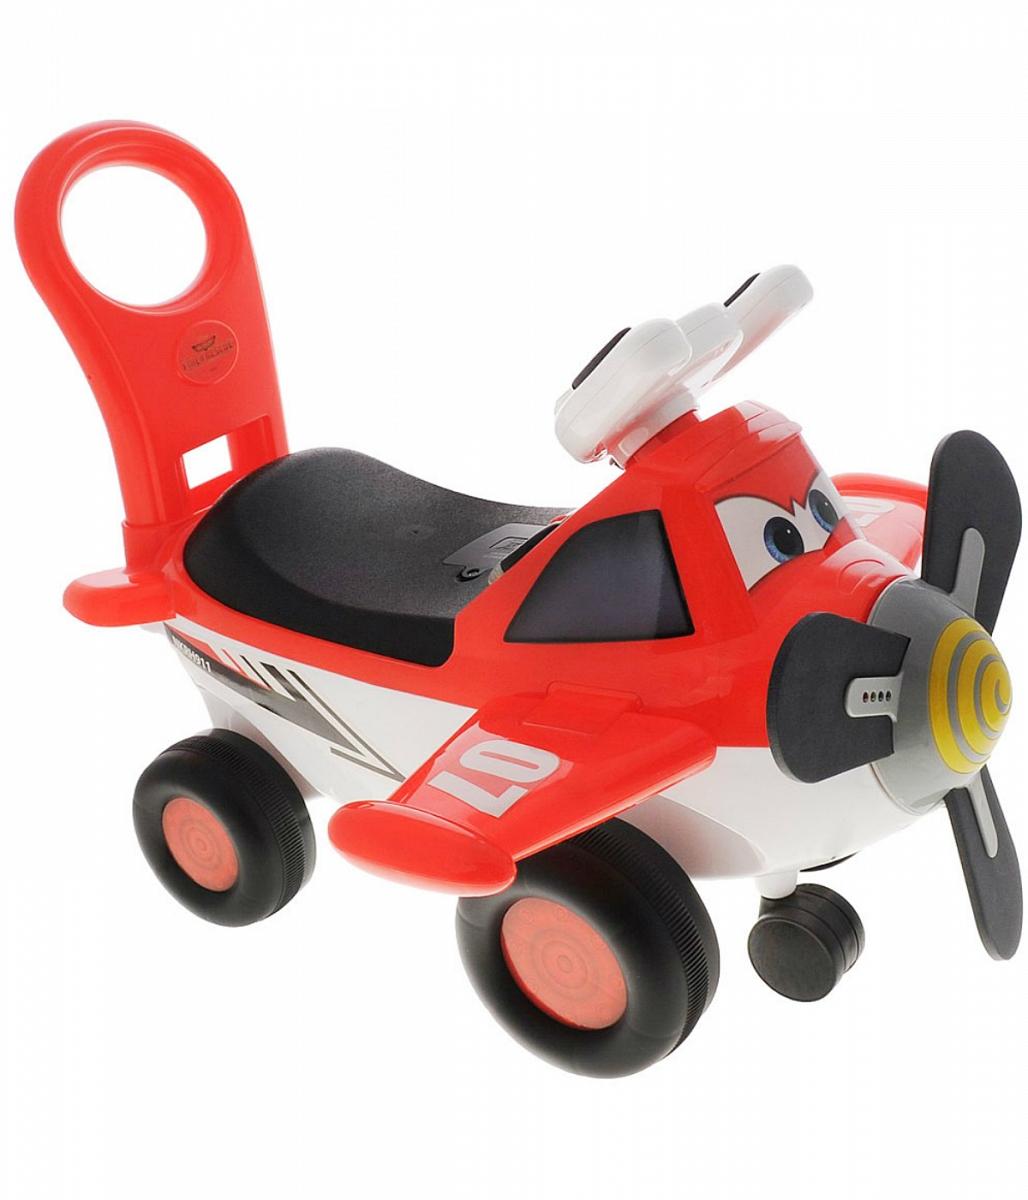 Каталка - пушкар - Самолет ДастиМашинки-каталки для детей<br>Каталка - пушкар - Самолет Дасти<br>